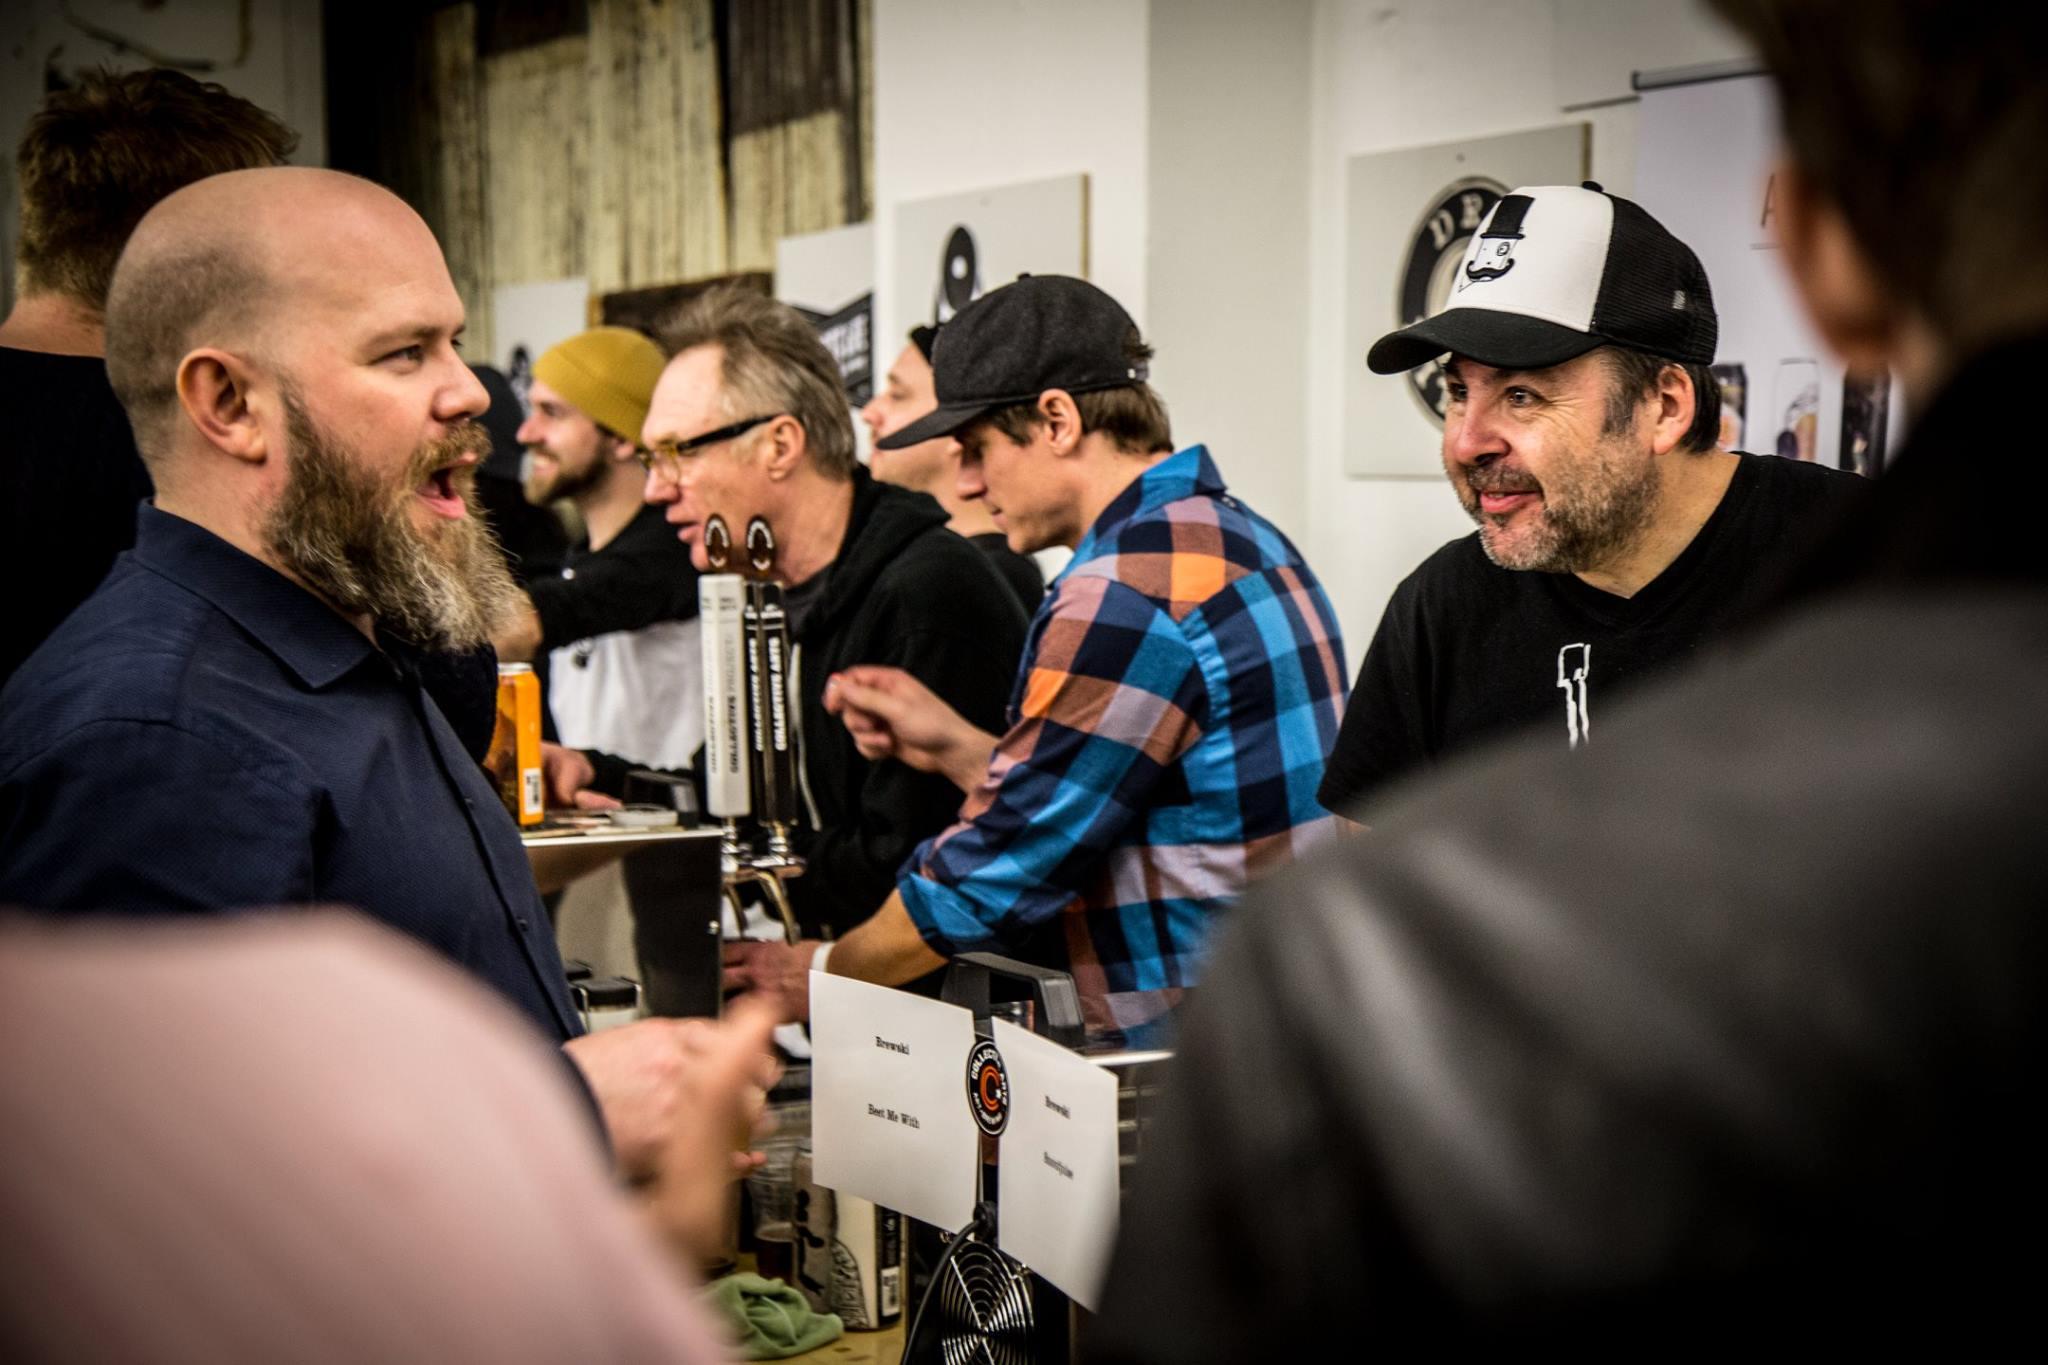 Beer, Wonderful Beer: The Annual Icelandic Beer Festival Is Here! photo